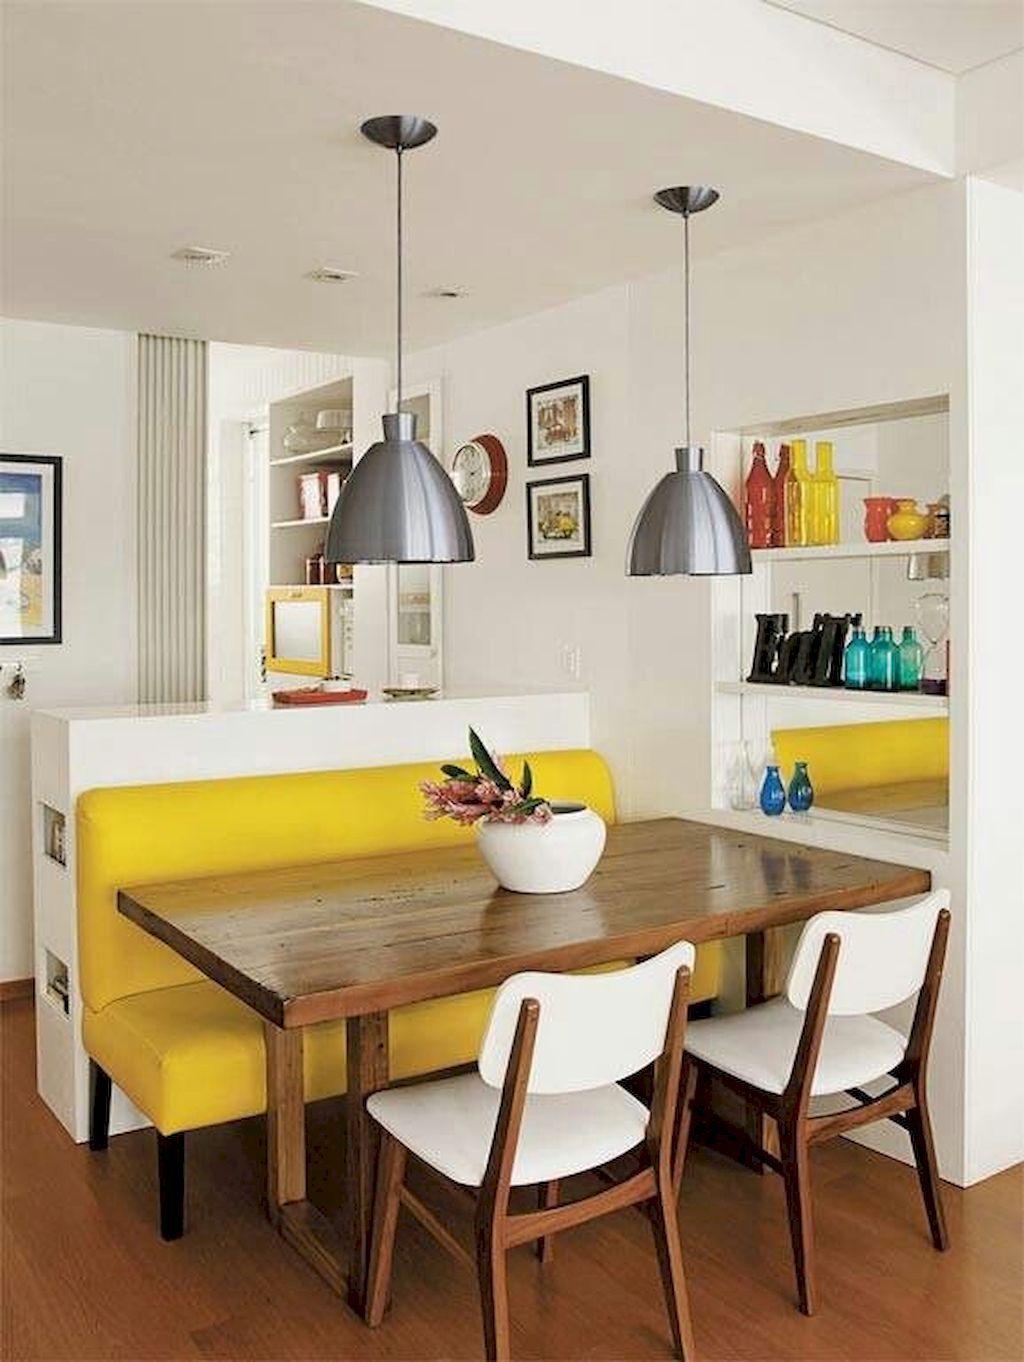 Küche und esszimmer designs  best living room design ideas  interior u furniture  pinterest